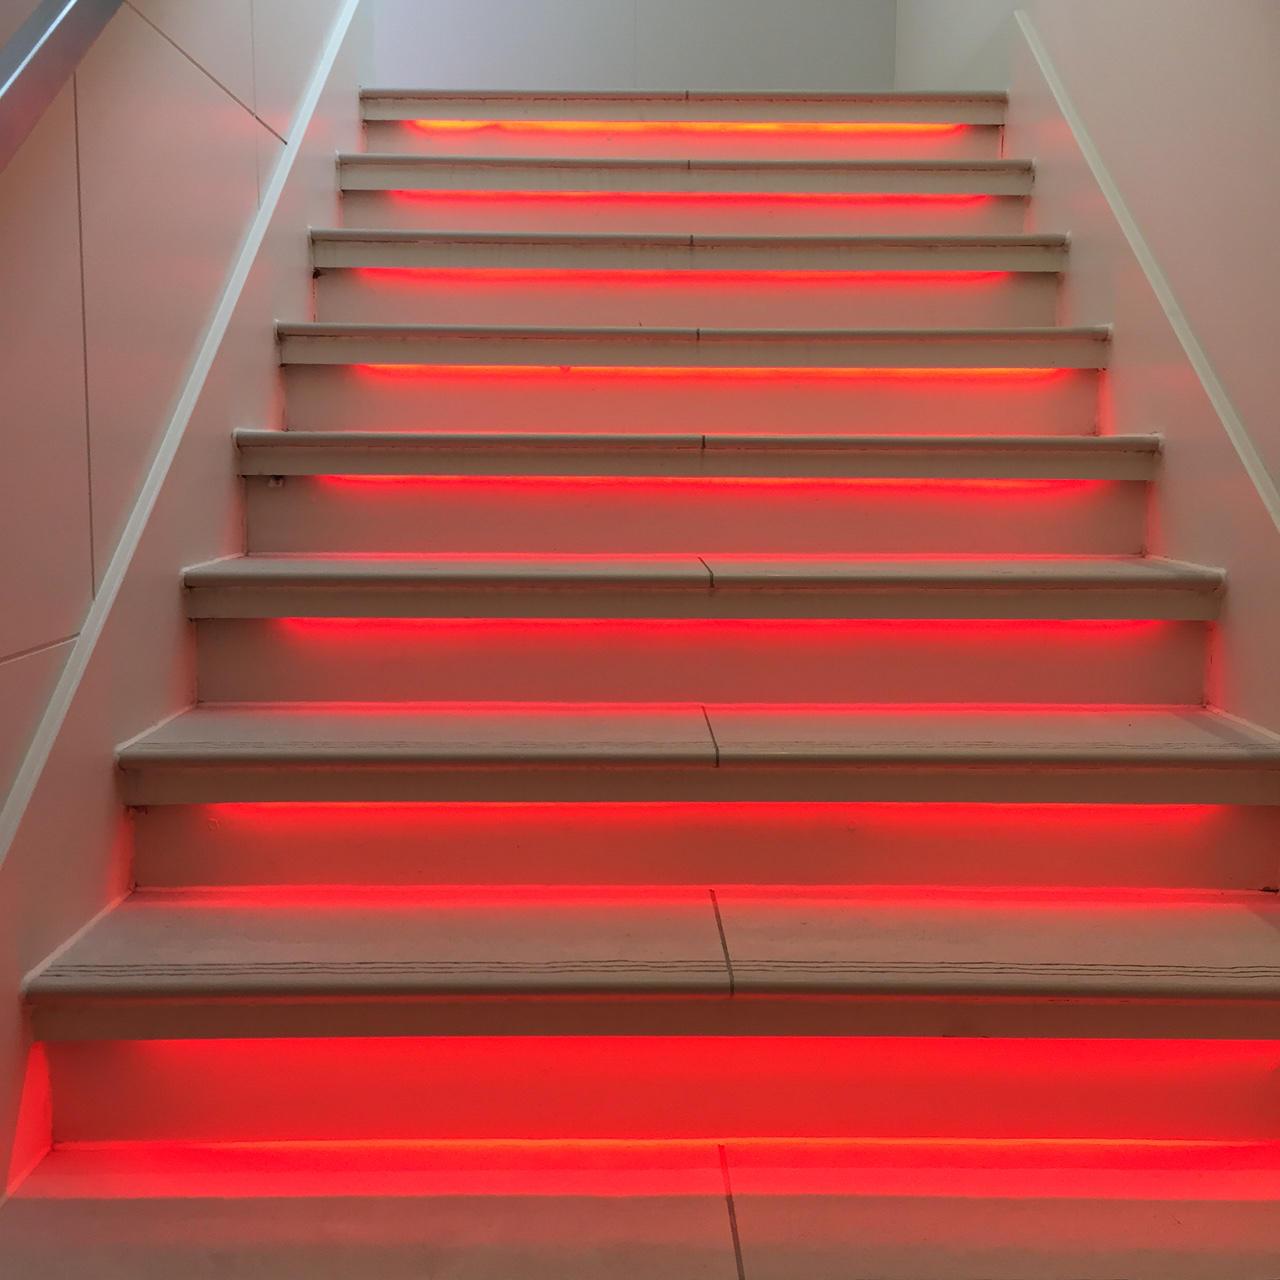 The Grove Hotel Illuminated Stairway